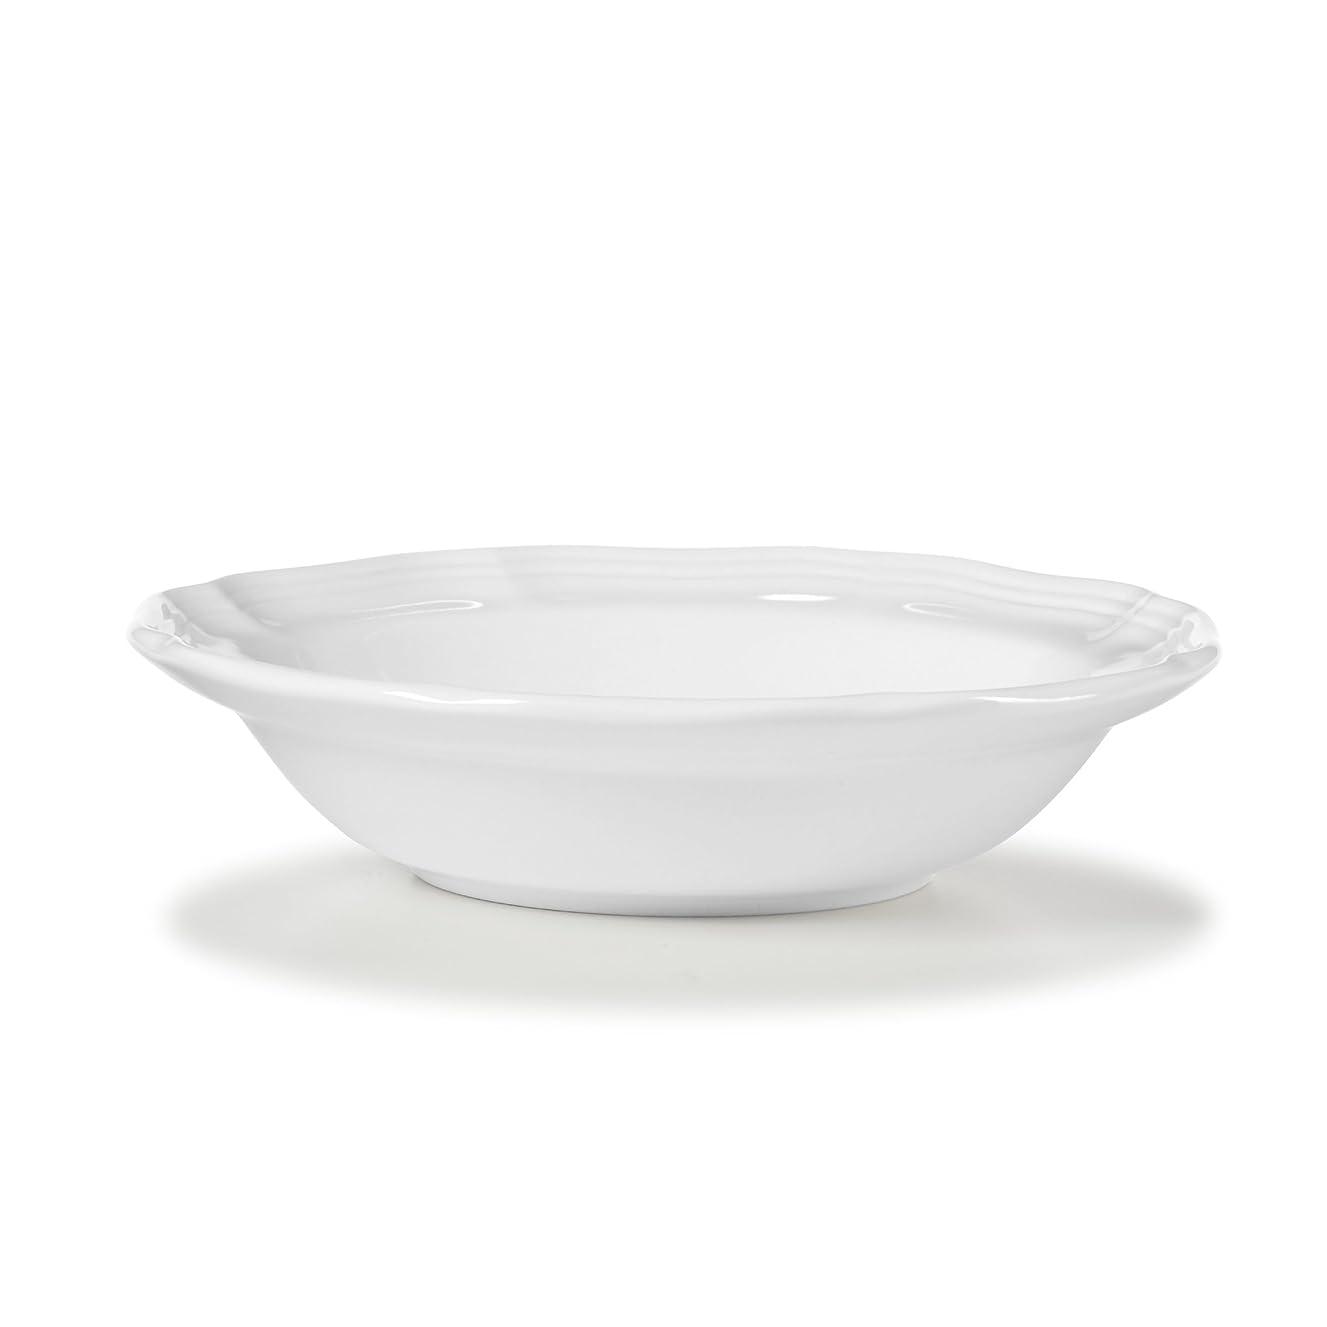 Mikasa French Country Fruit Bowl, White